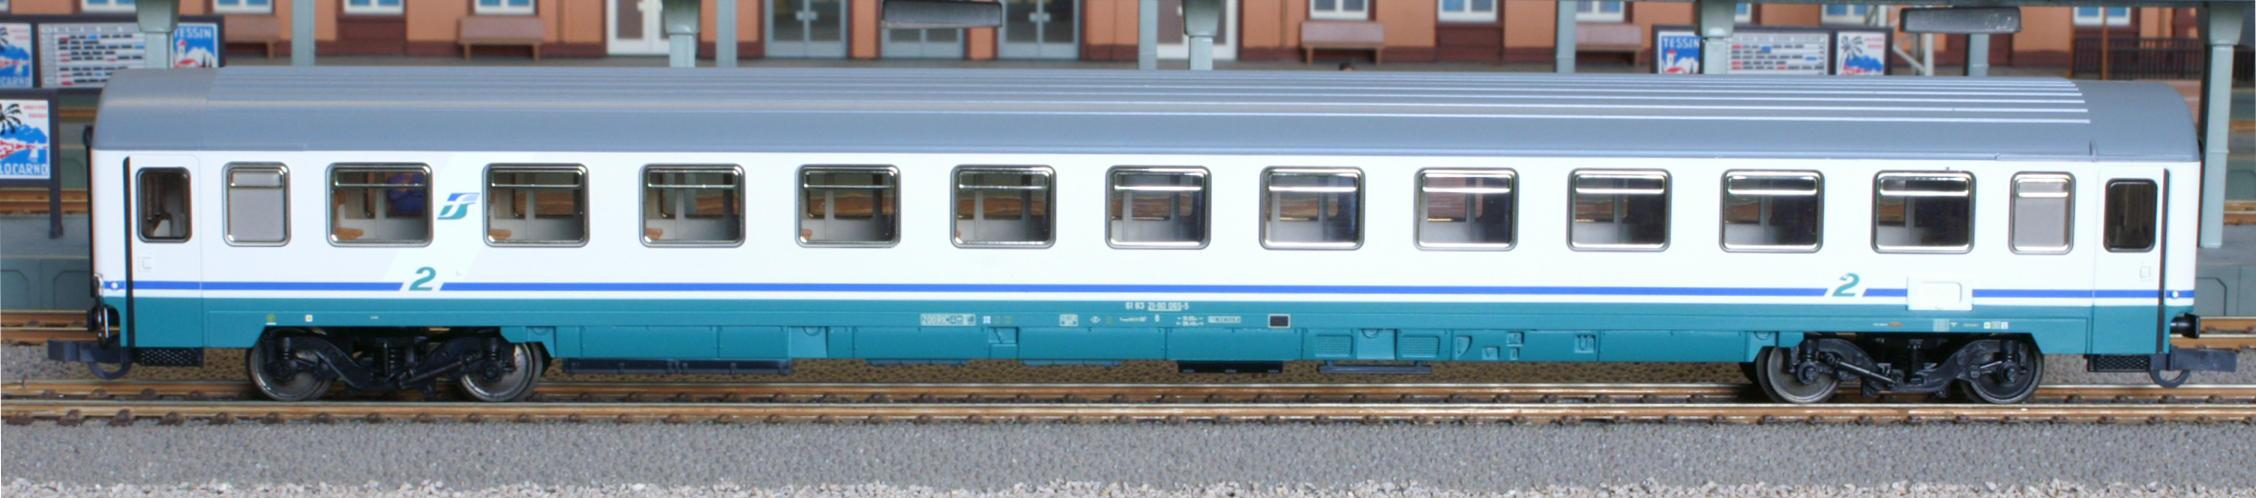 Roco 45219 - FS EURFIMA B-Wagen in neuer Farbgebung, grauweiss-tuerkis, Dach grau.1